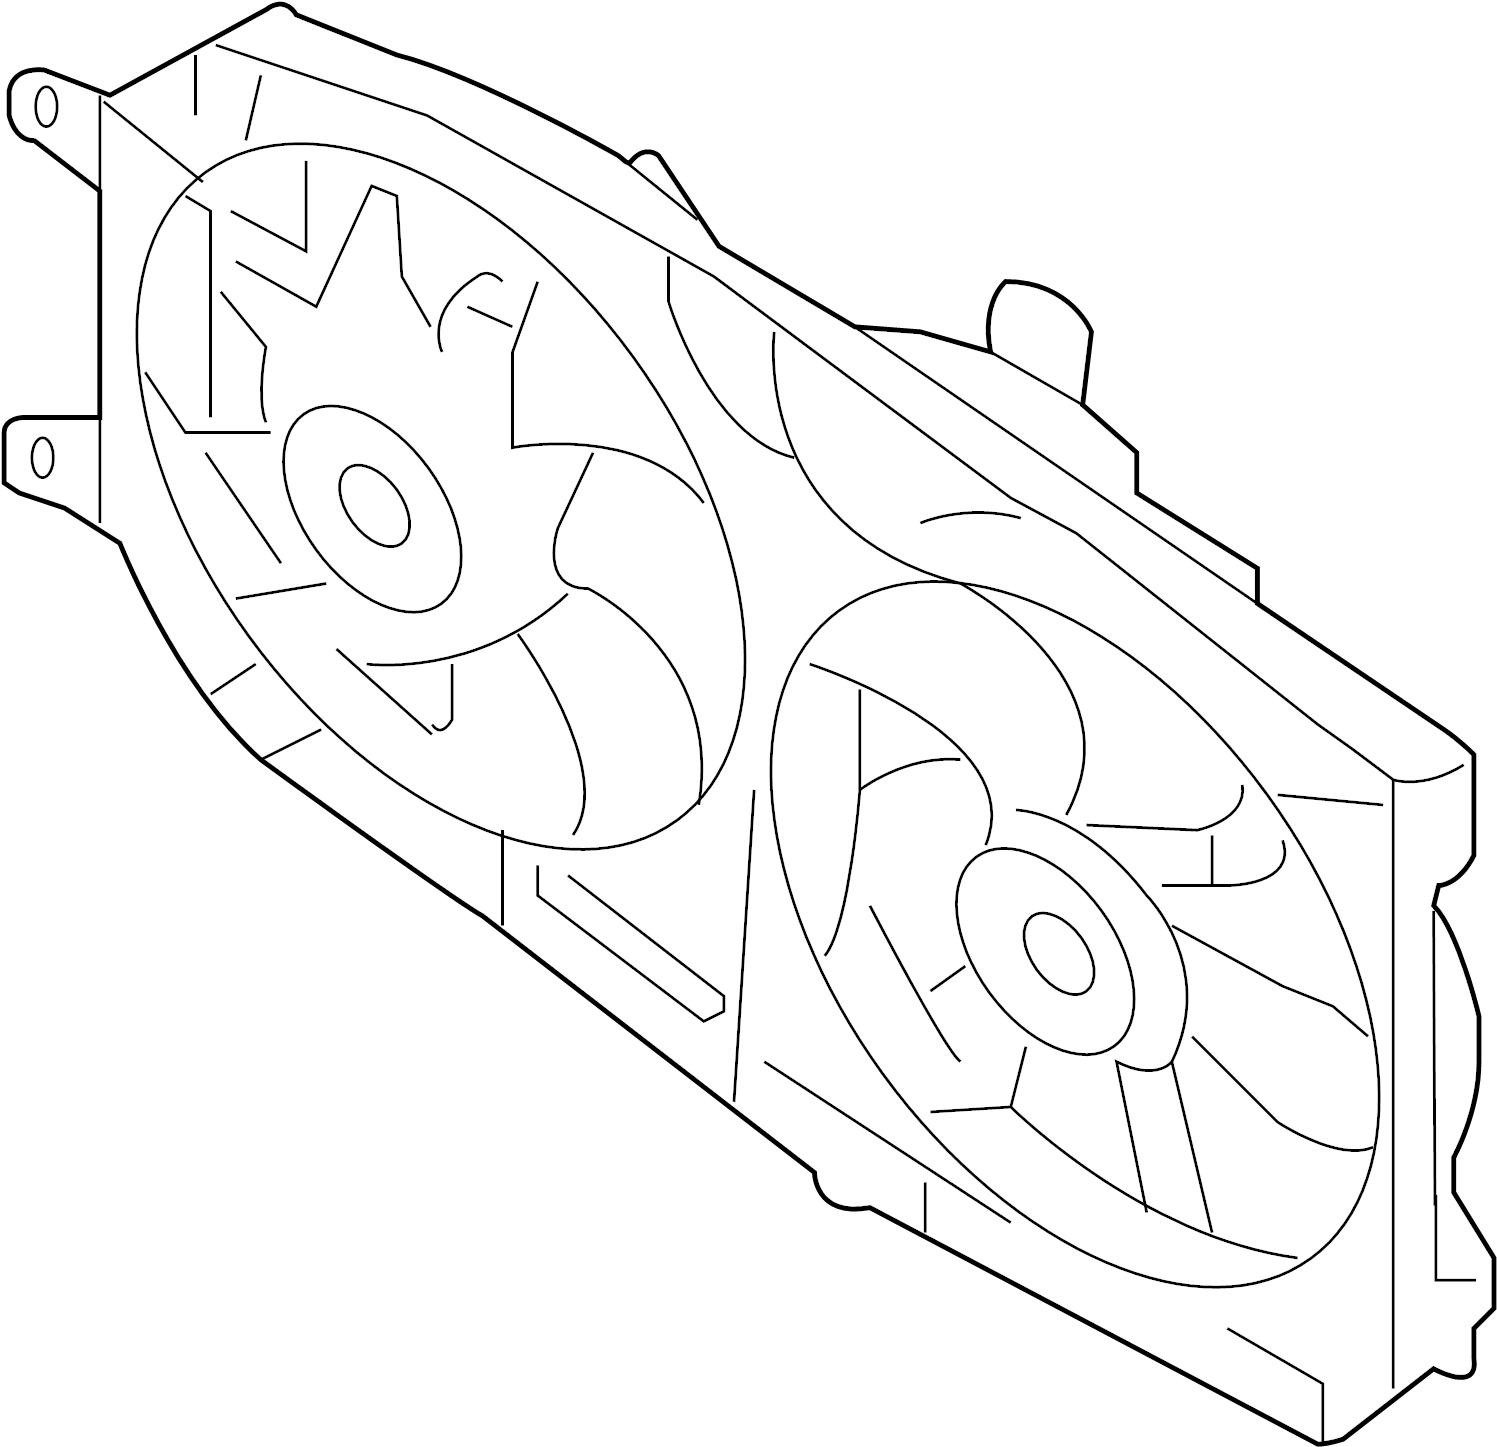 [DIAGRAM] 2006 Mercury Montego Engine Diagram FULL Version